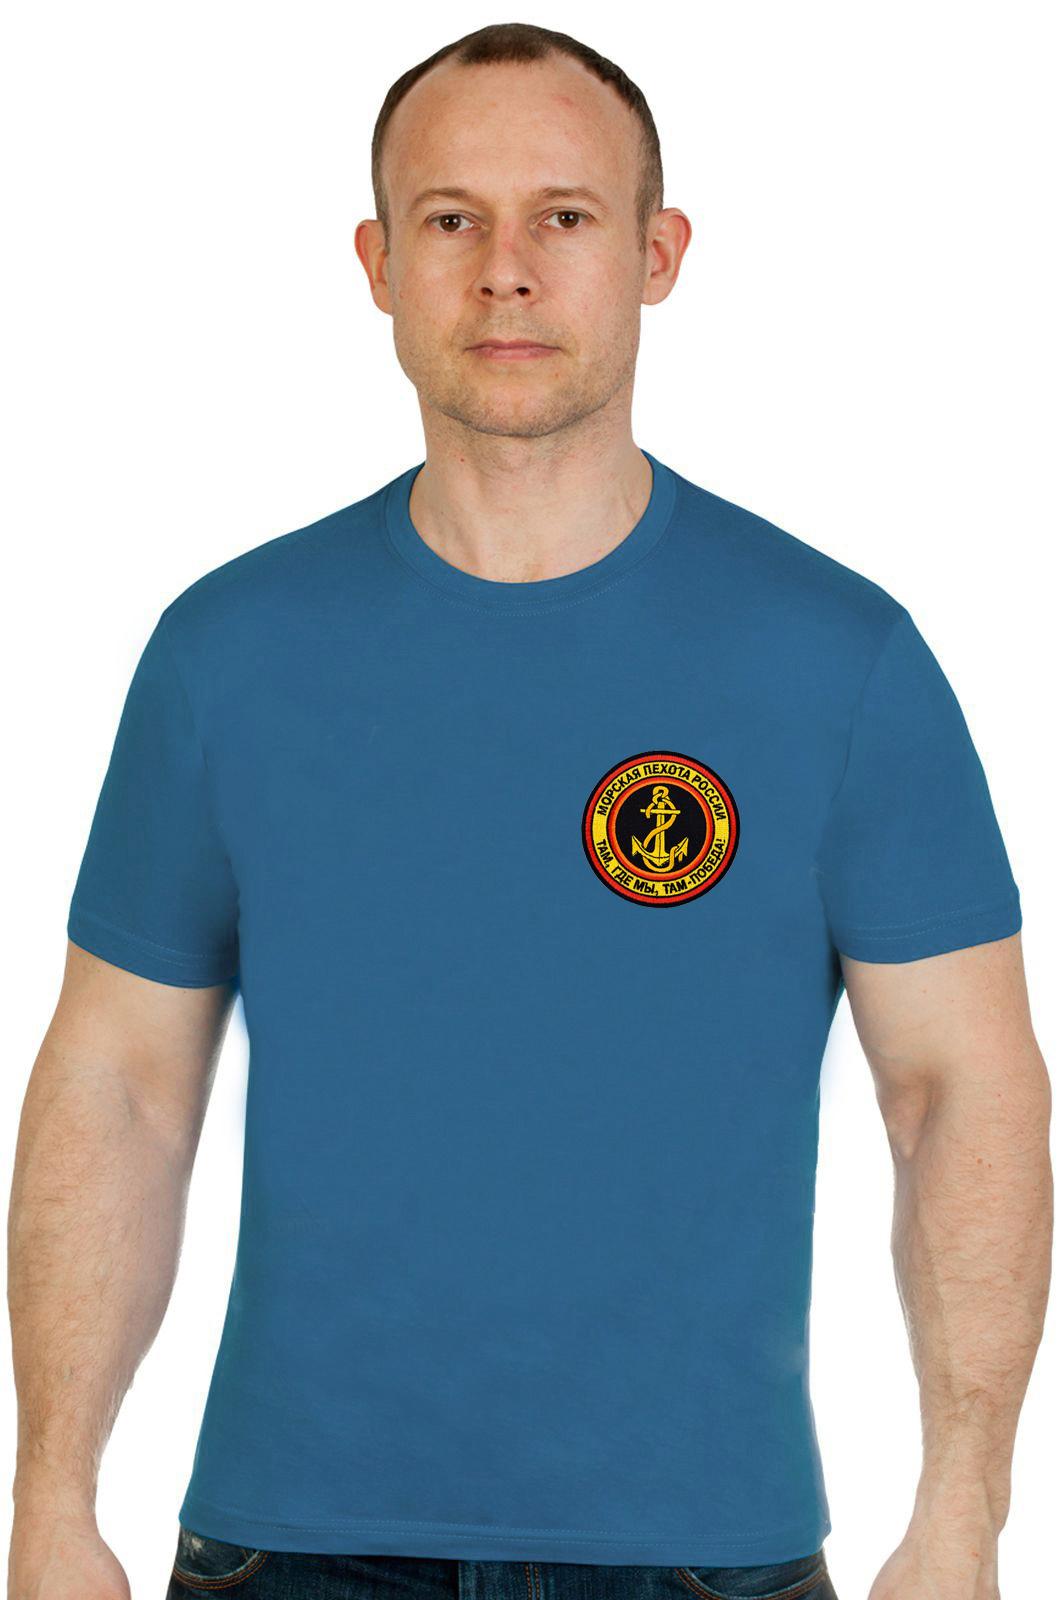 Купить в магазине бирюзовую футболку с вышивкой «Морская пехота»